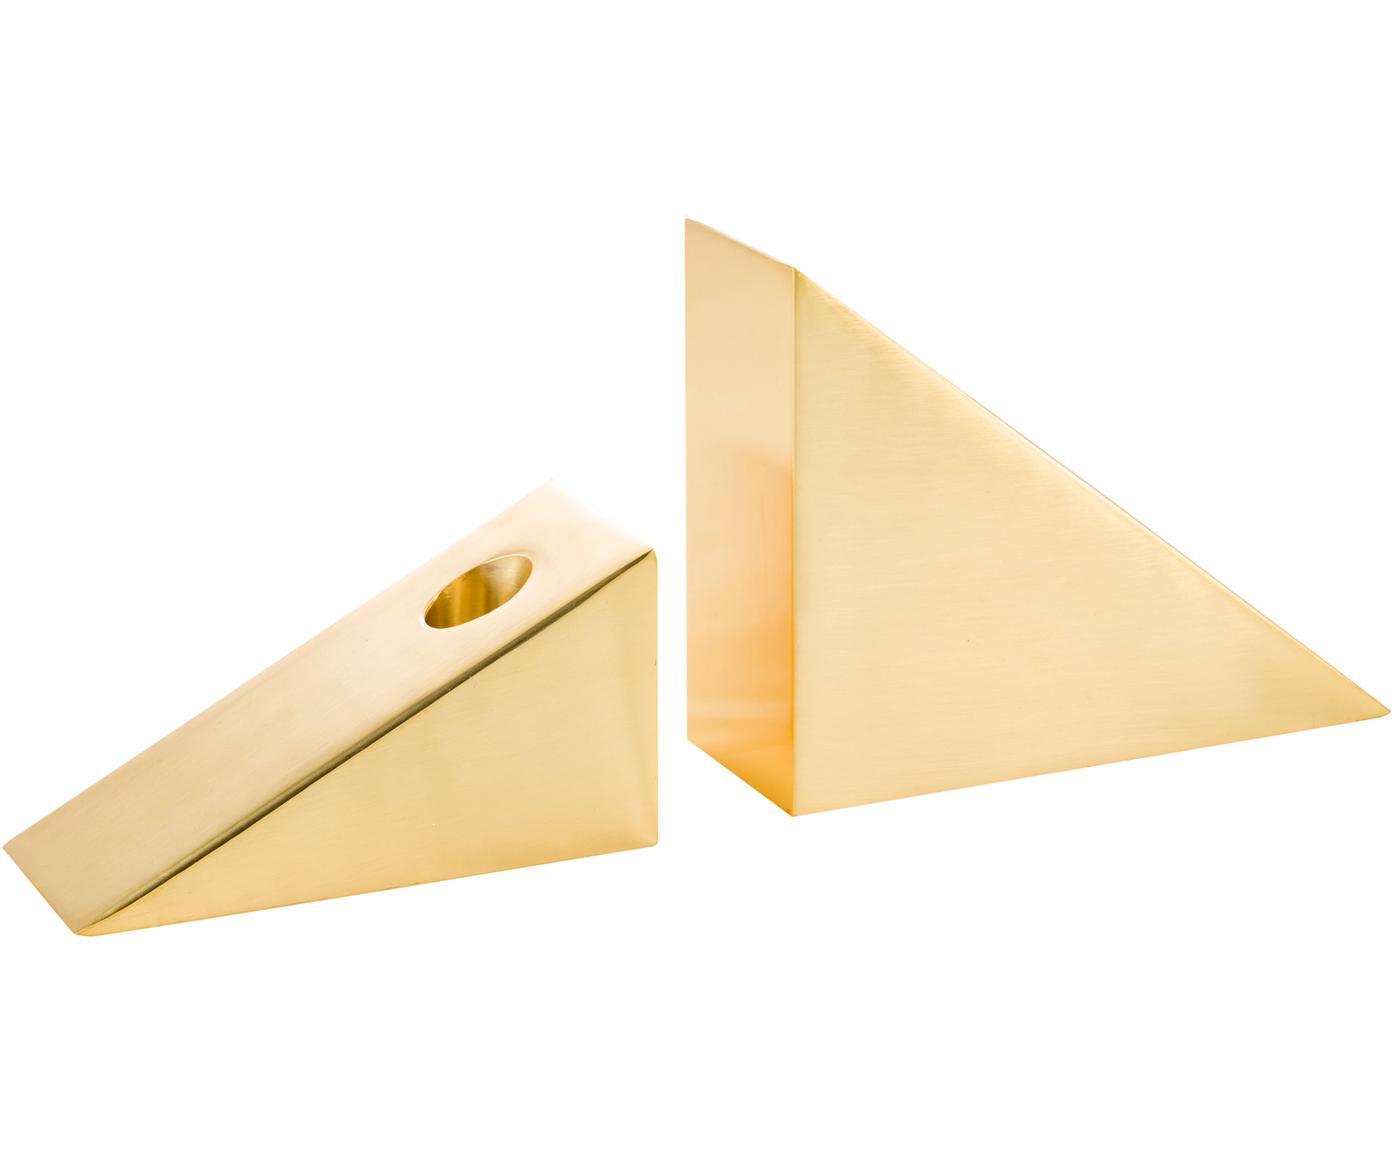 Set 2 candelabri Edge, Acciaio inossidabile, Dorato, Larg. 15 x Alt. 11 cm